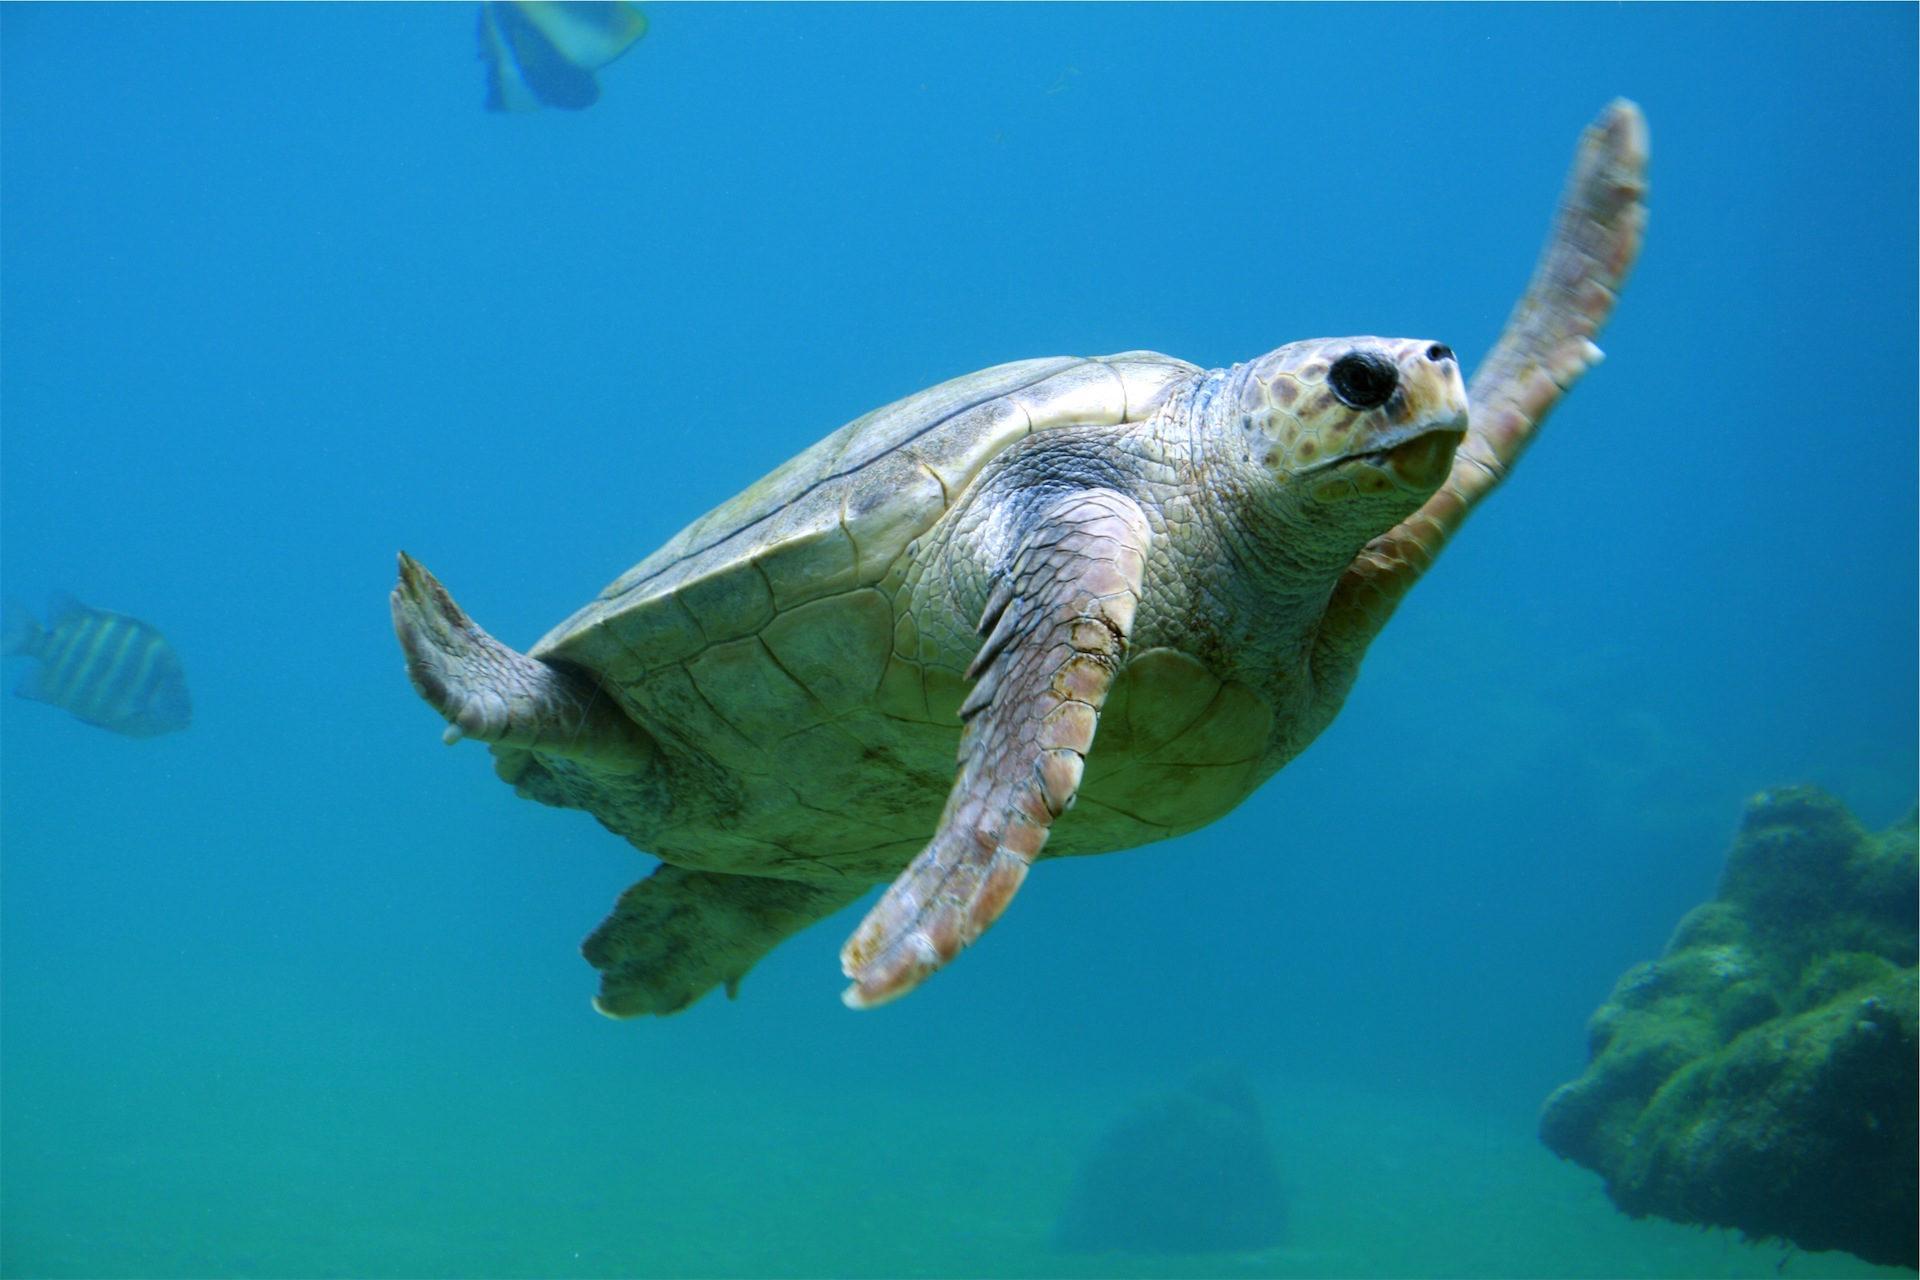 Χελώνα, υποβρύχια, Θάλασσα, Ωκεανός, Μαρίνο - Wallpapers HD - Professor-falken.com